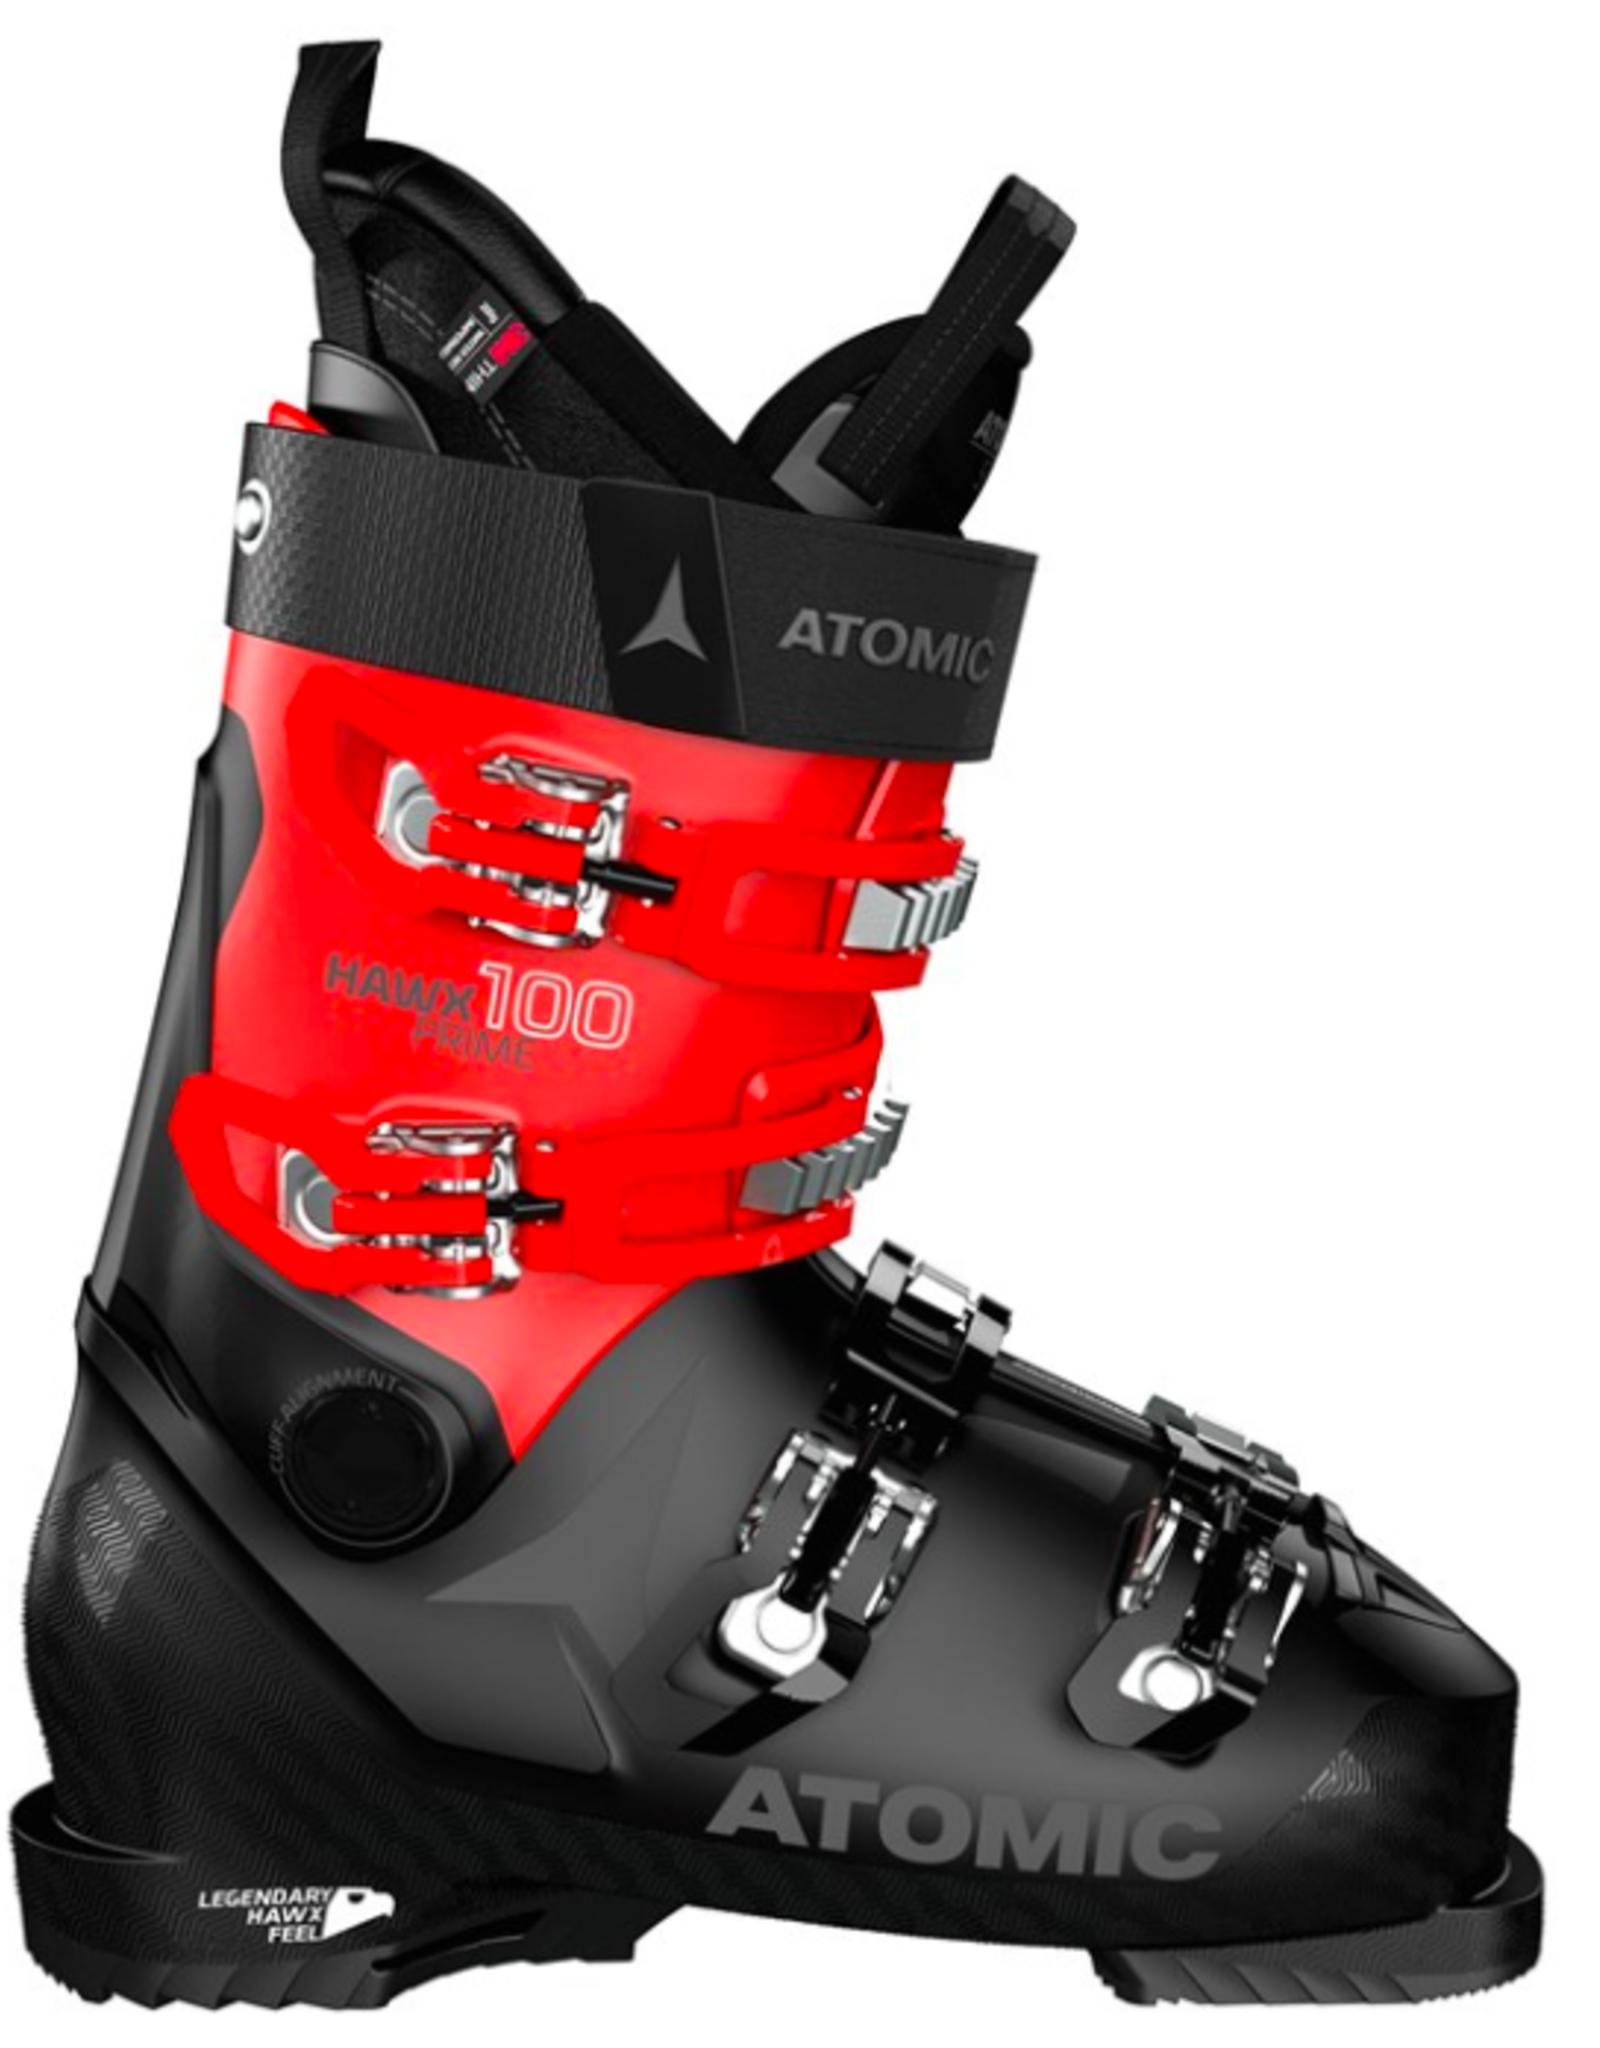 Atomic Men's Hawx Prime 100 Ski Boots Black/Red 2022